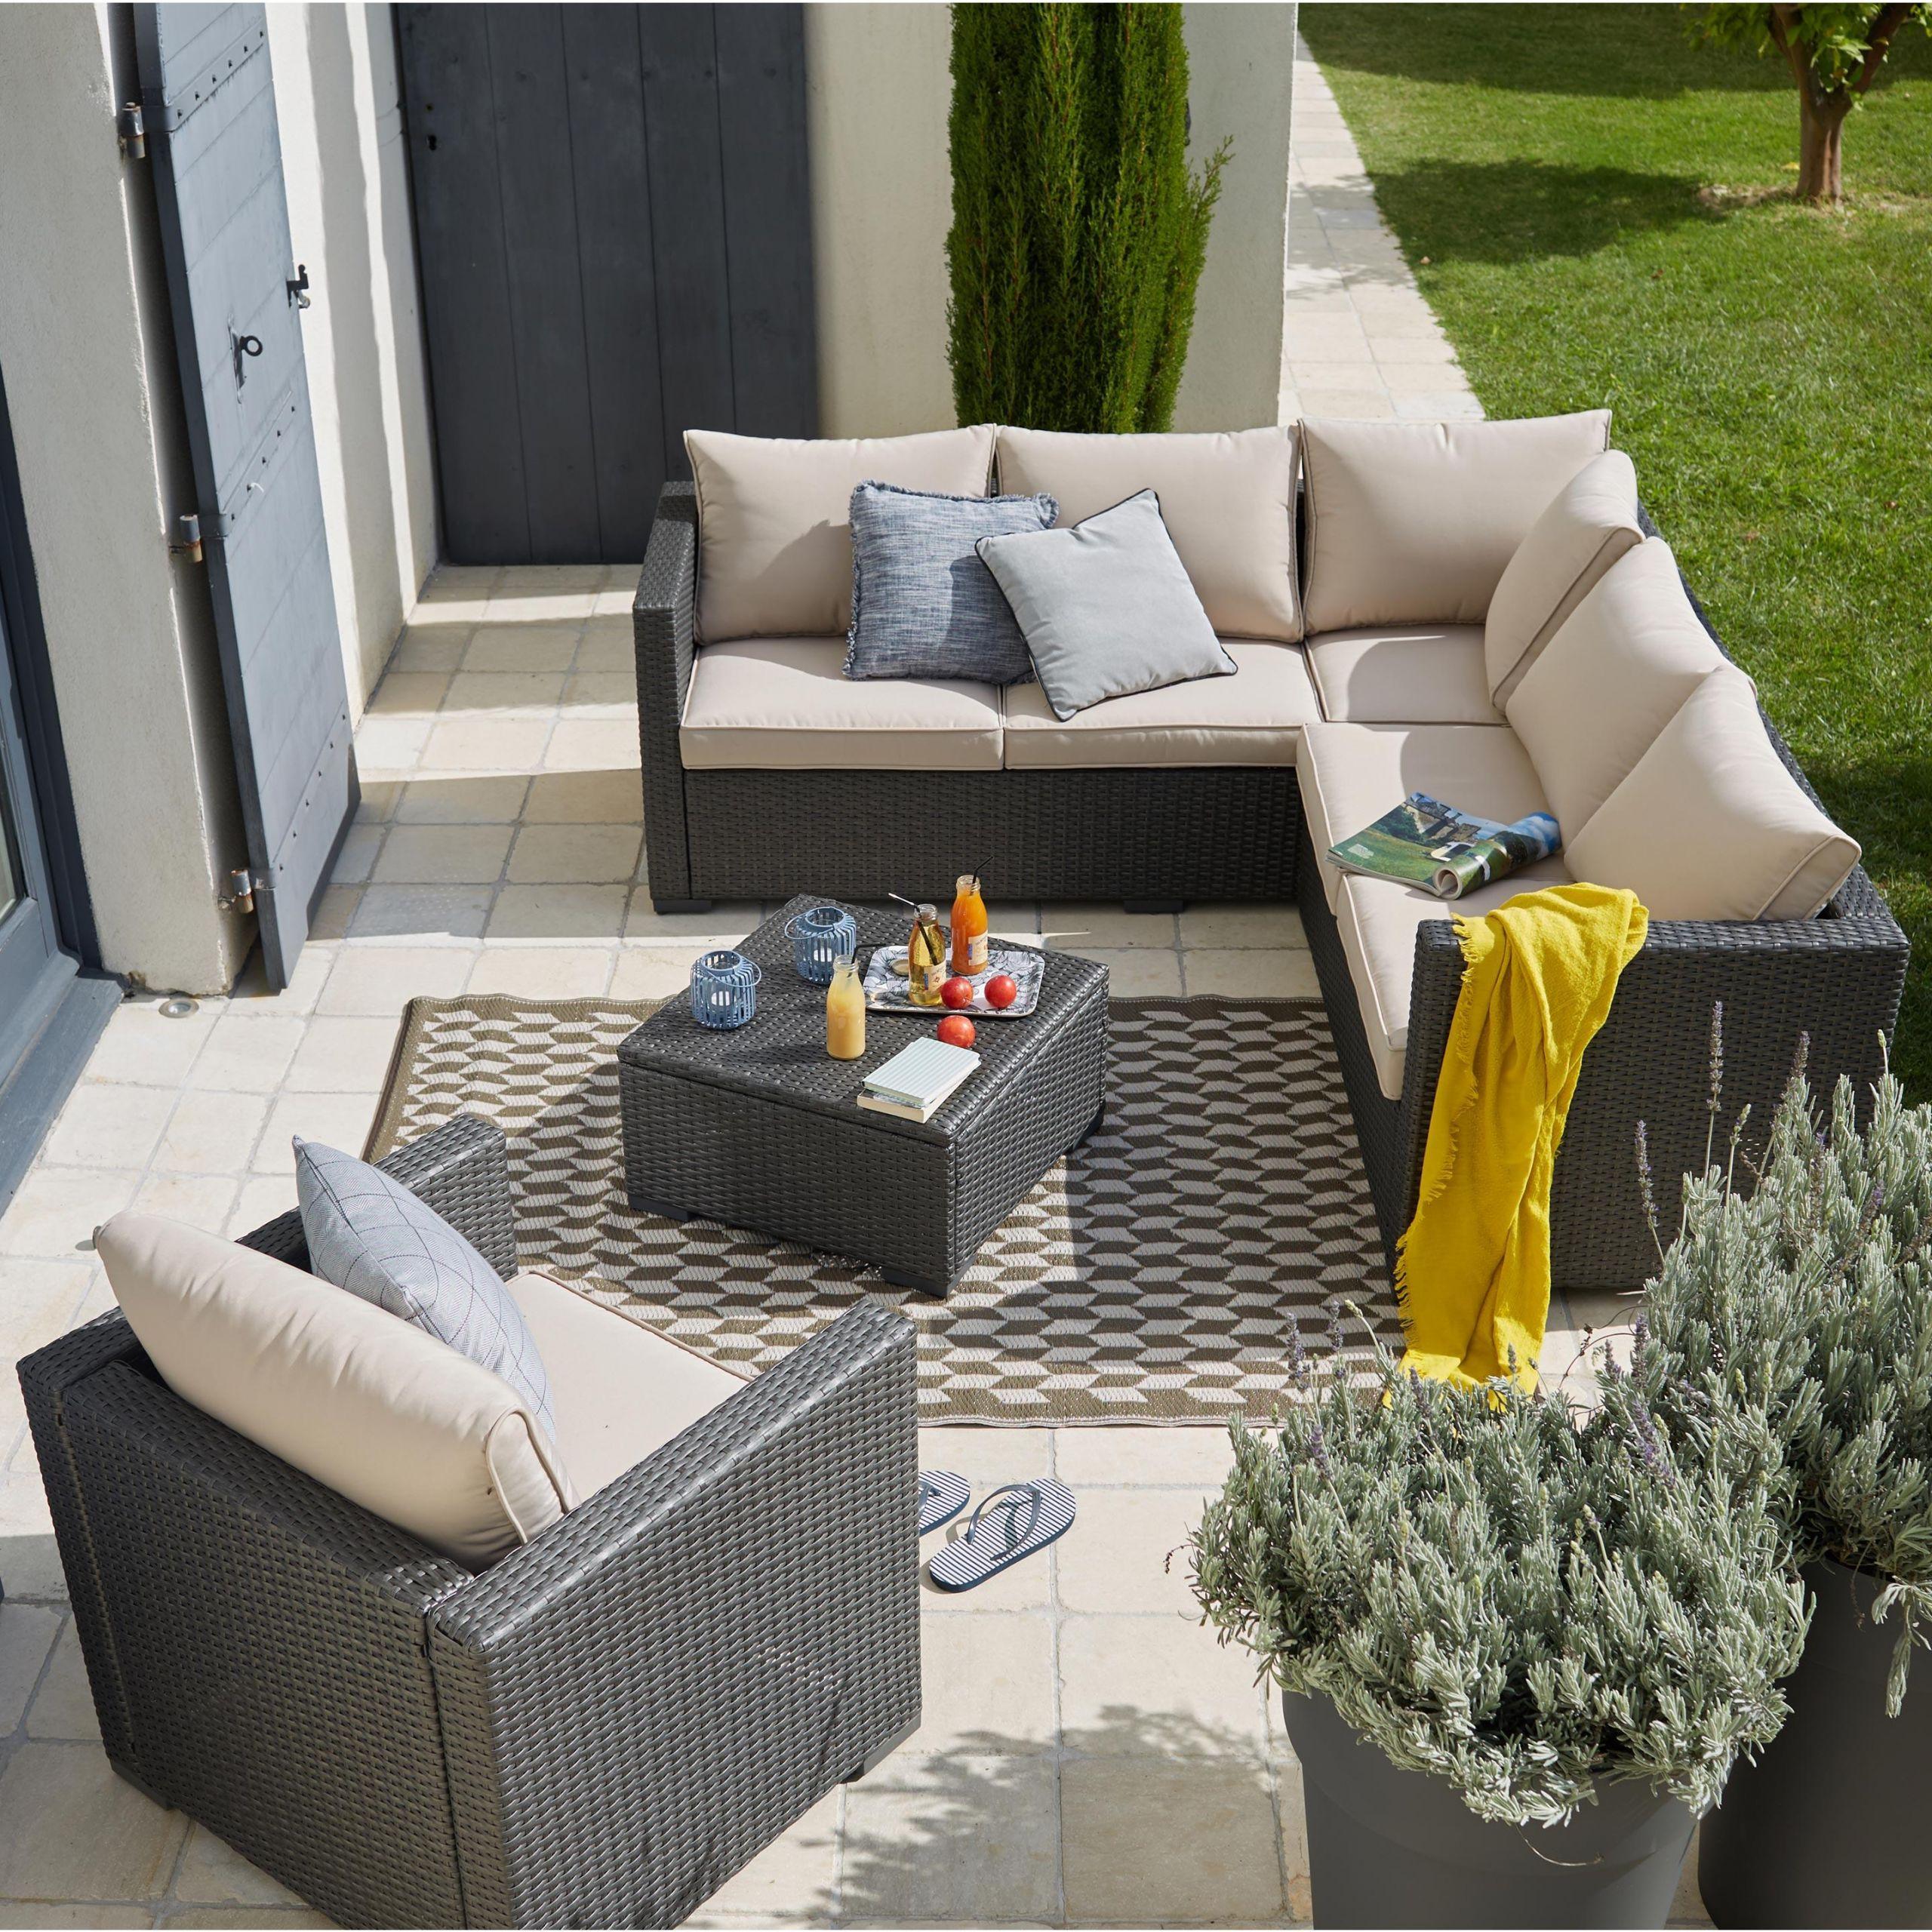 35 Best Of Destockage Salon De Jardin Resine Tressee   Salon ... avec Destockage Salon De Jardin